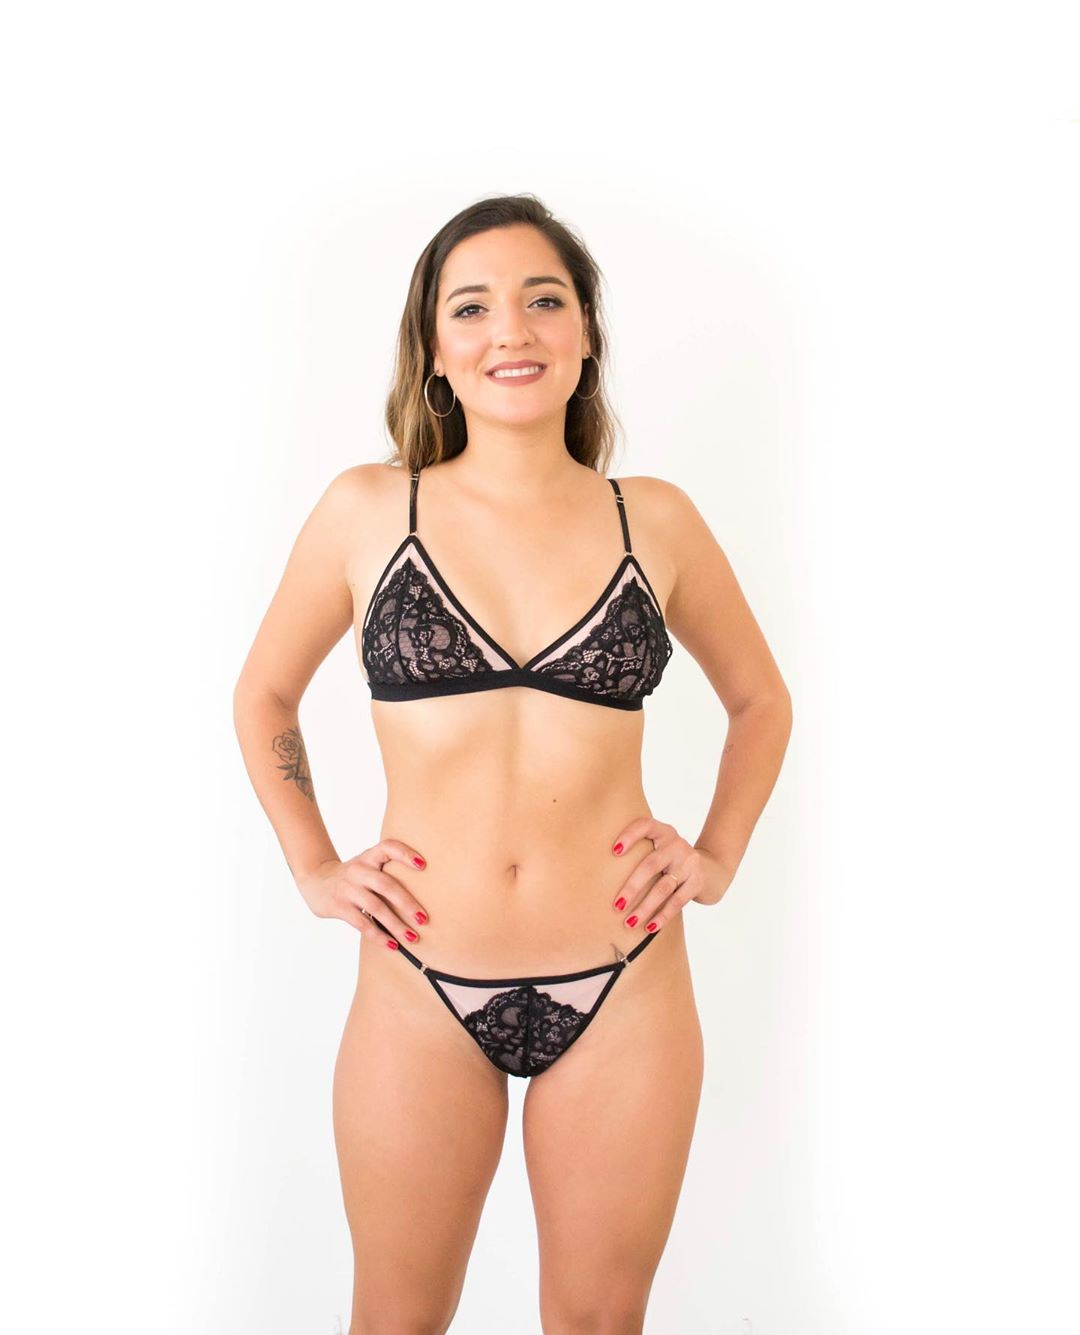 Jana Maradona mostra lado mais ousado na estreia como modelo